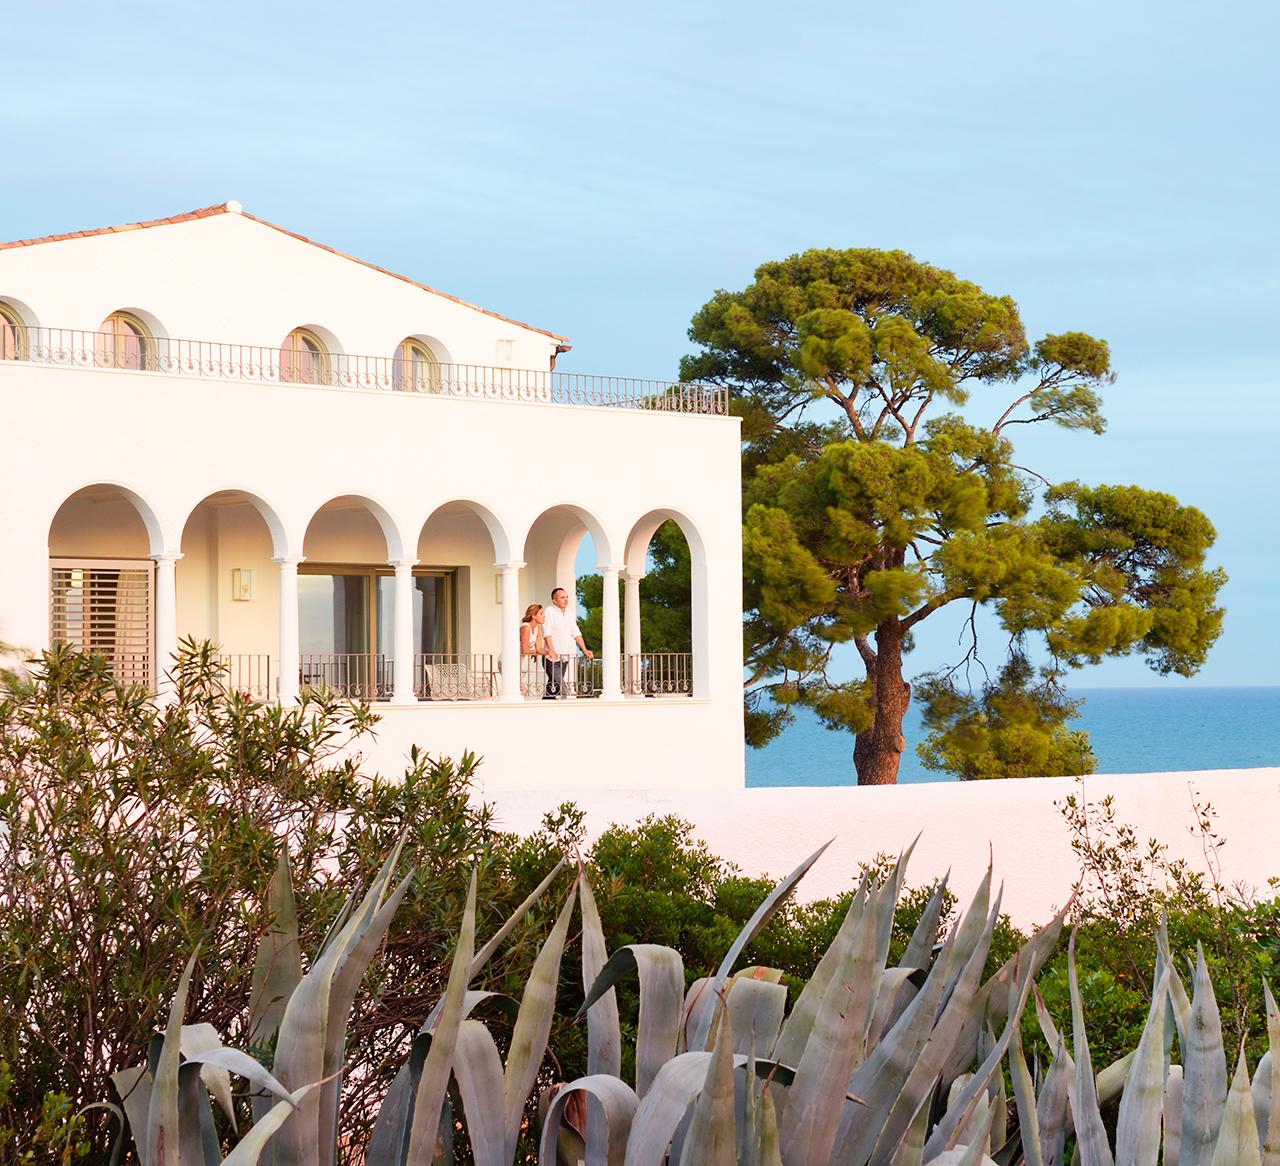 Una Preciosa Casa Junto Al Mar Con Siete Siglos De Historia